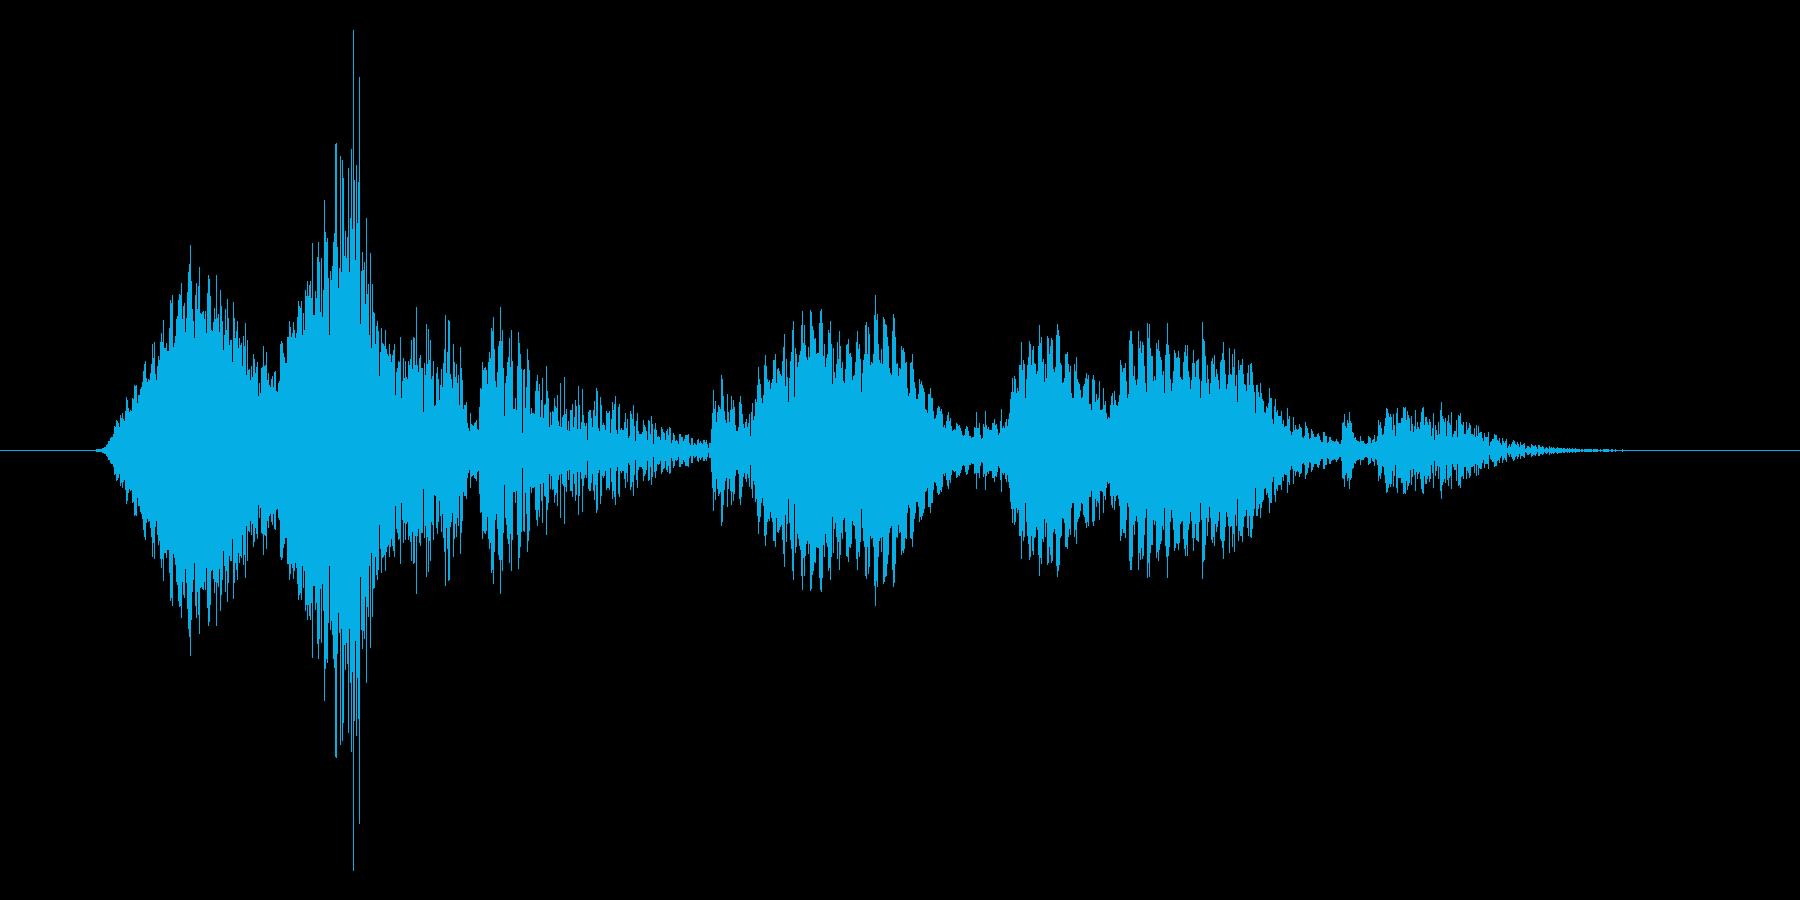 ロボット声 「ミッションコンプリート」の再生済みの波形